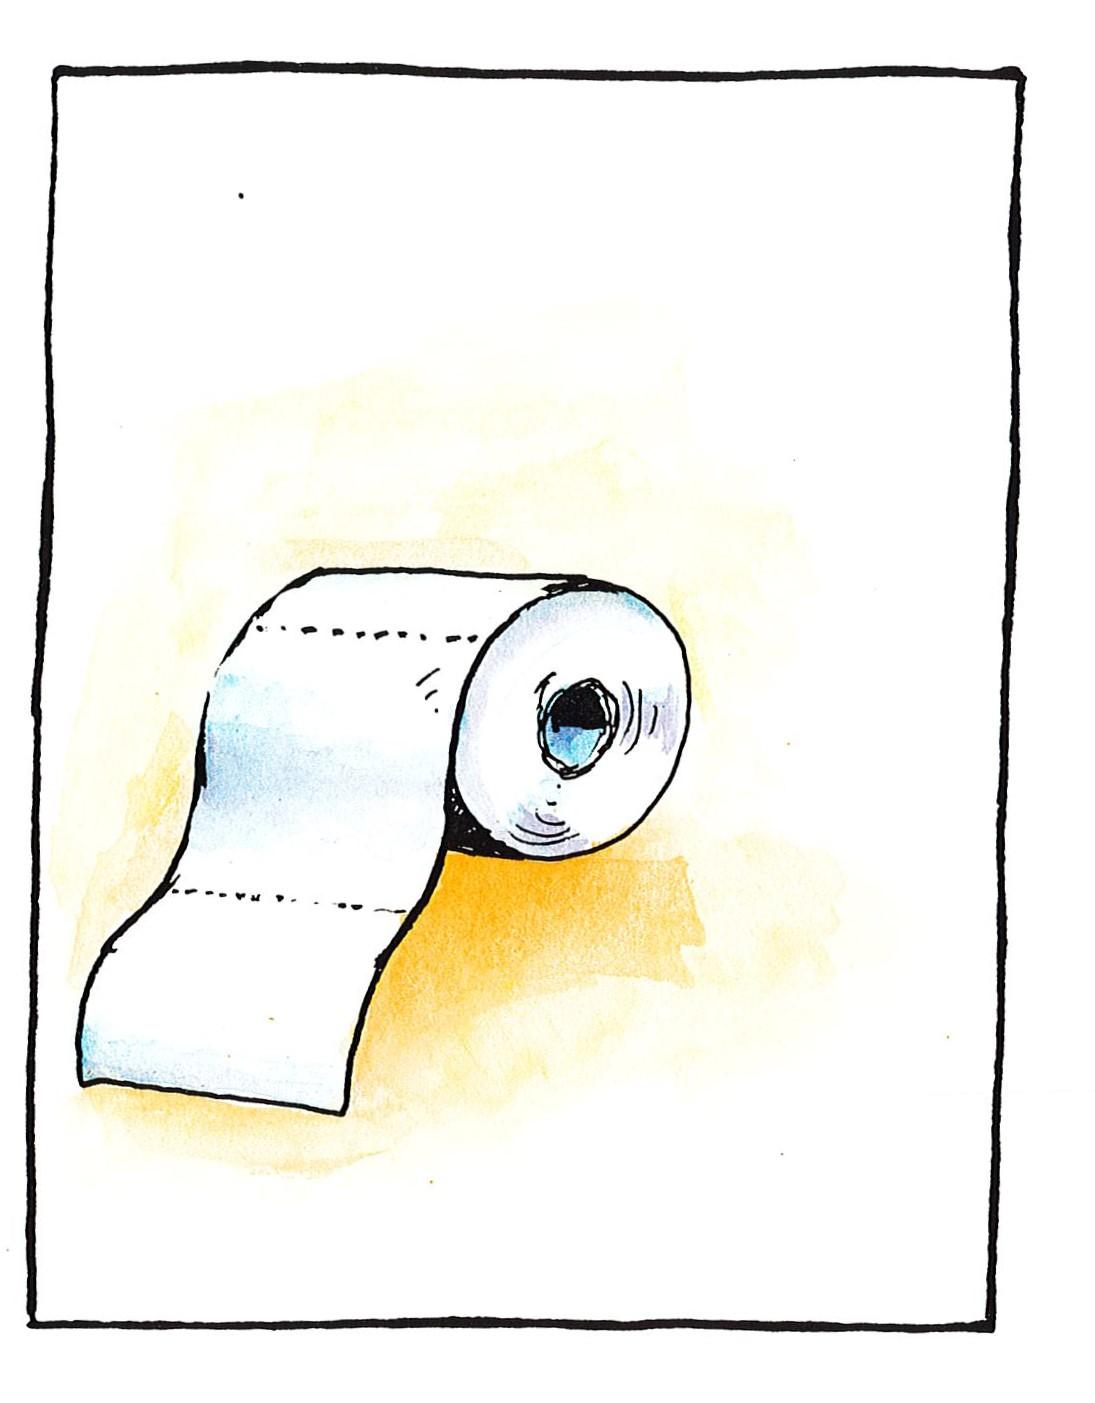 Ρολό-Χαρτί